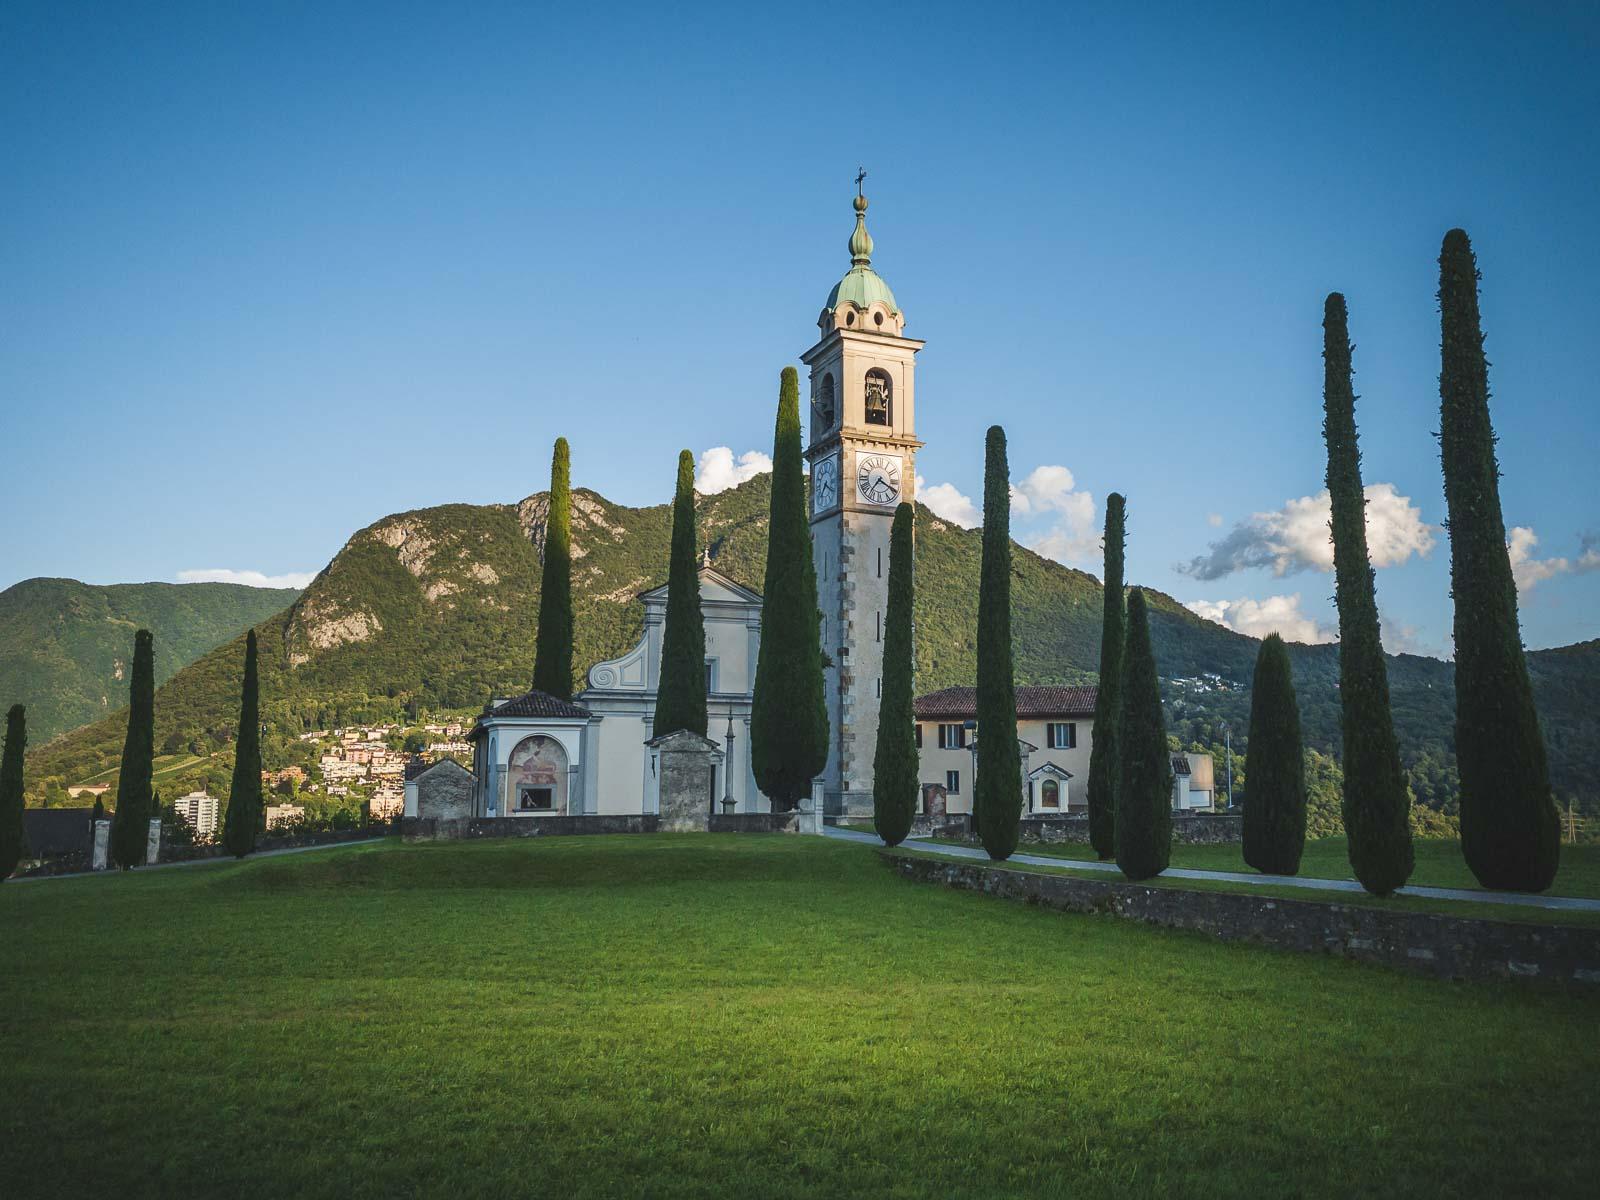 Church Sant Abbondio in Ticino